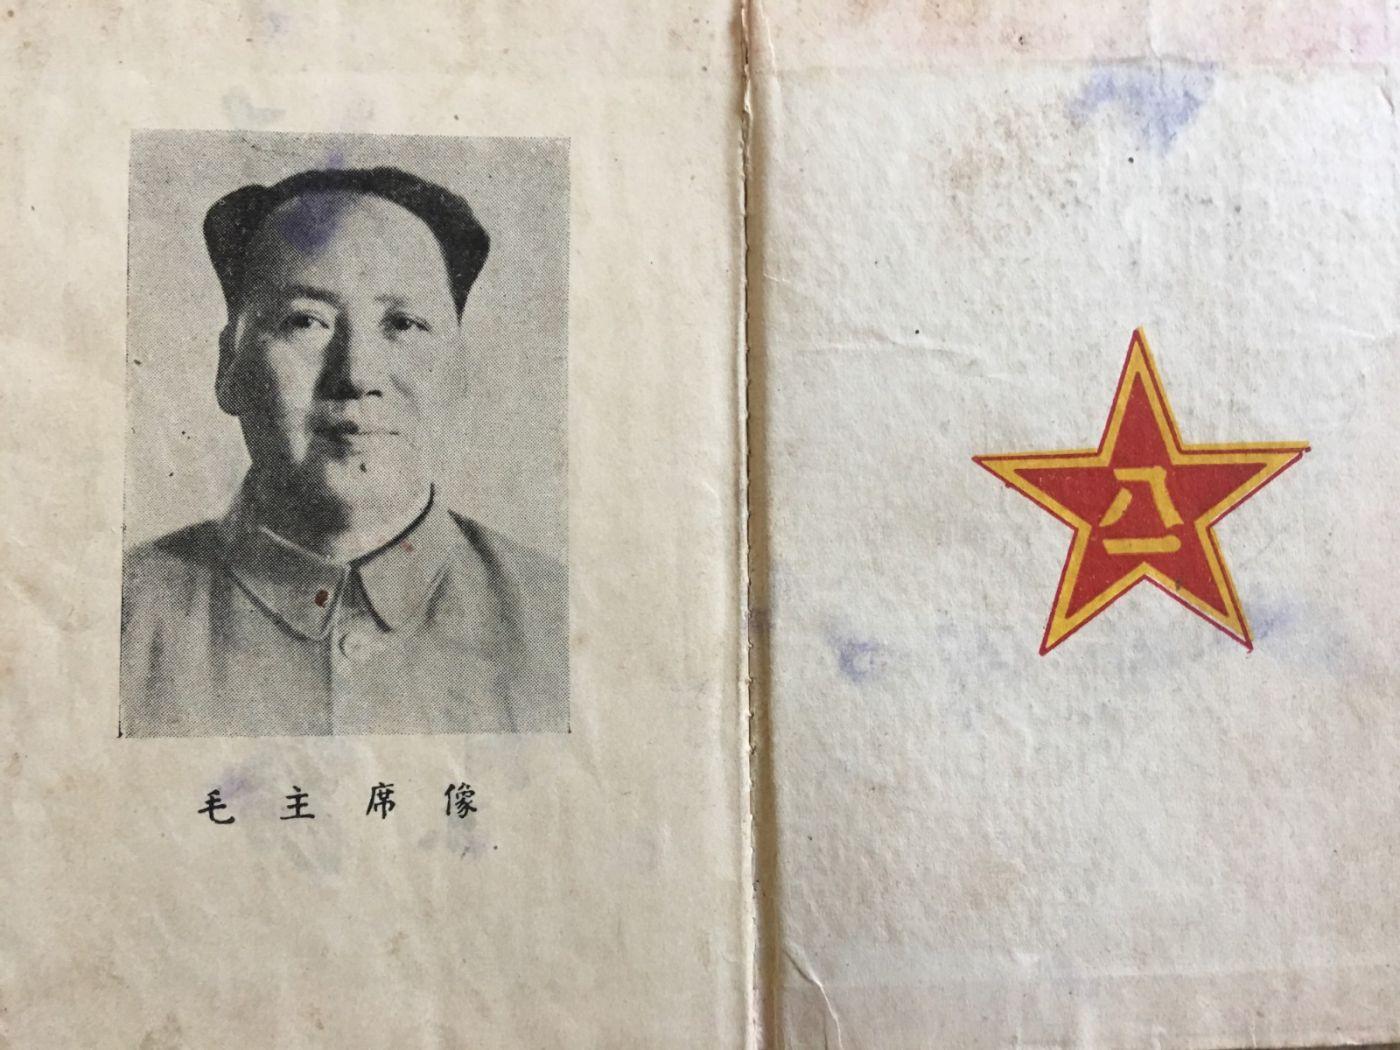 先父李太和军旅简介_图1-4